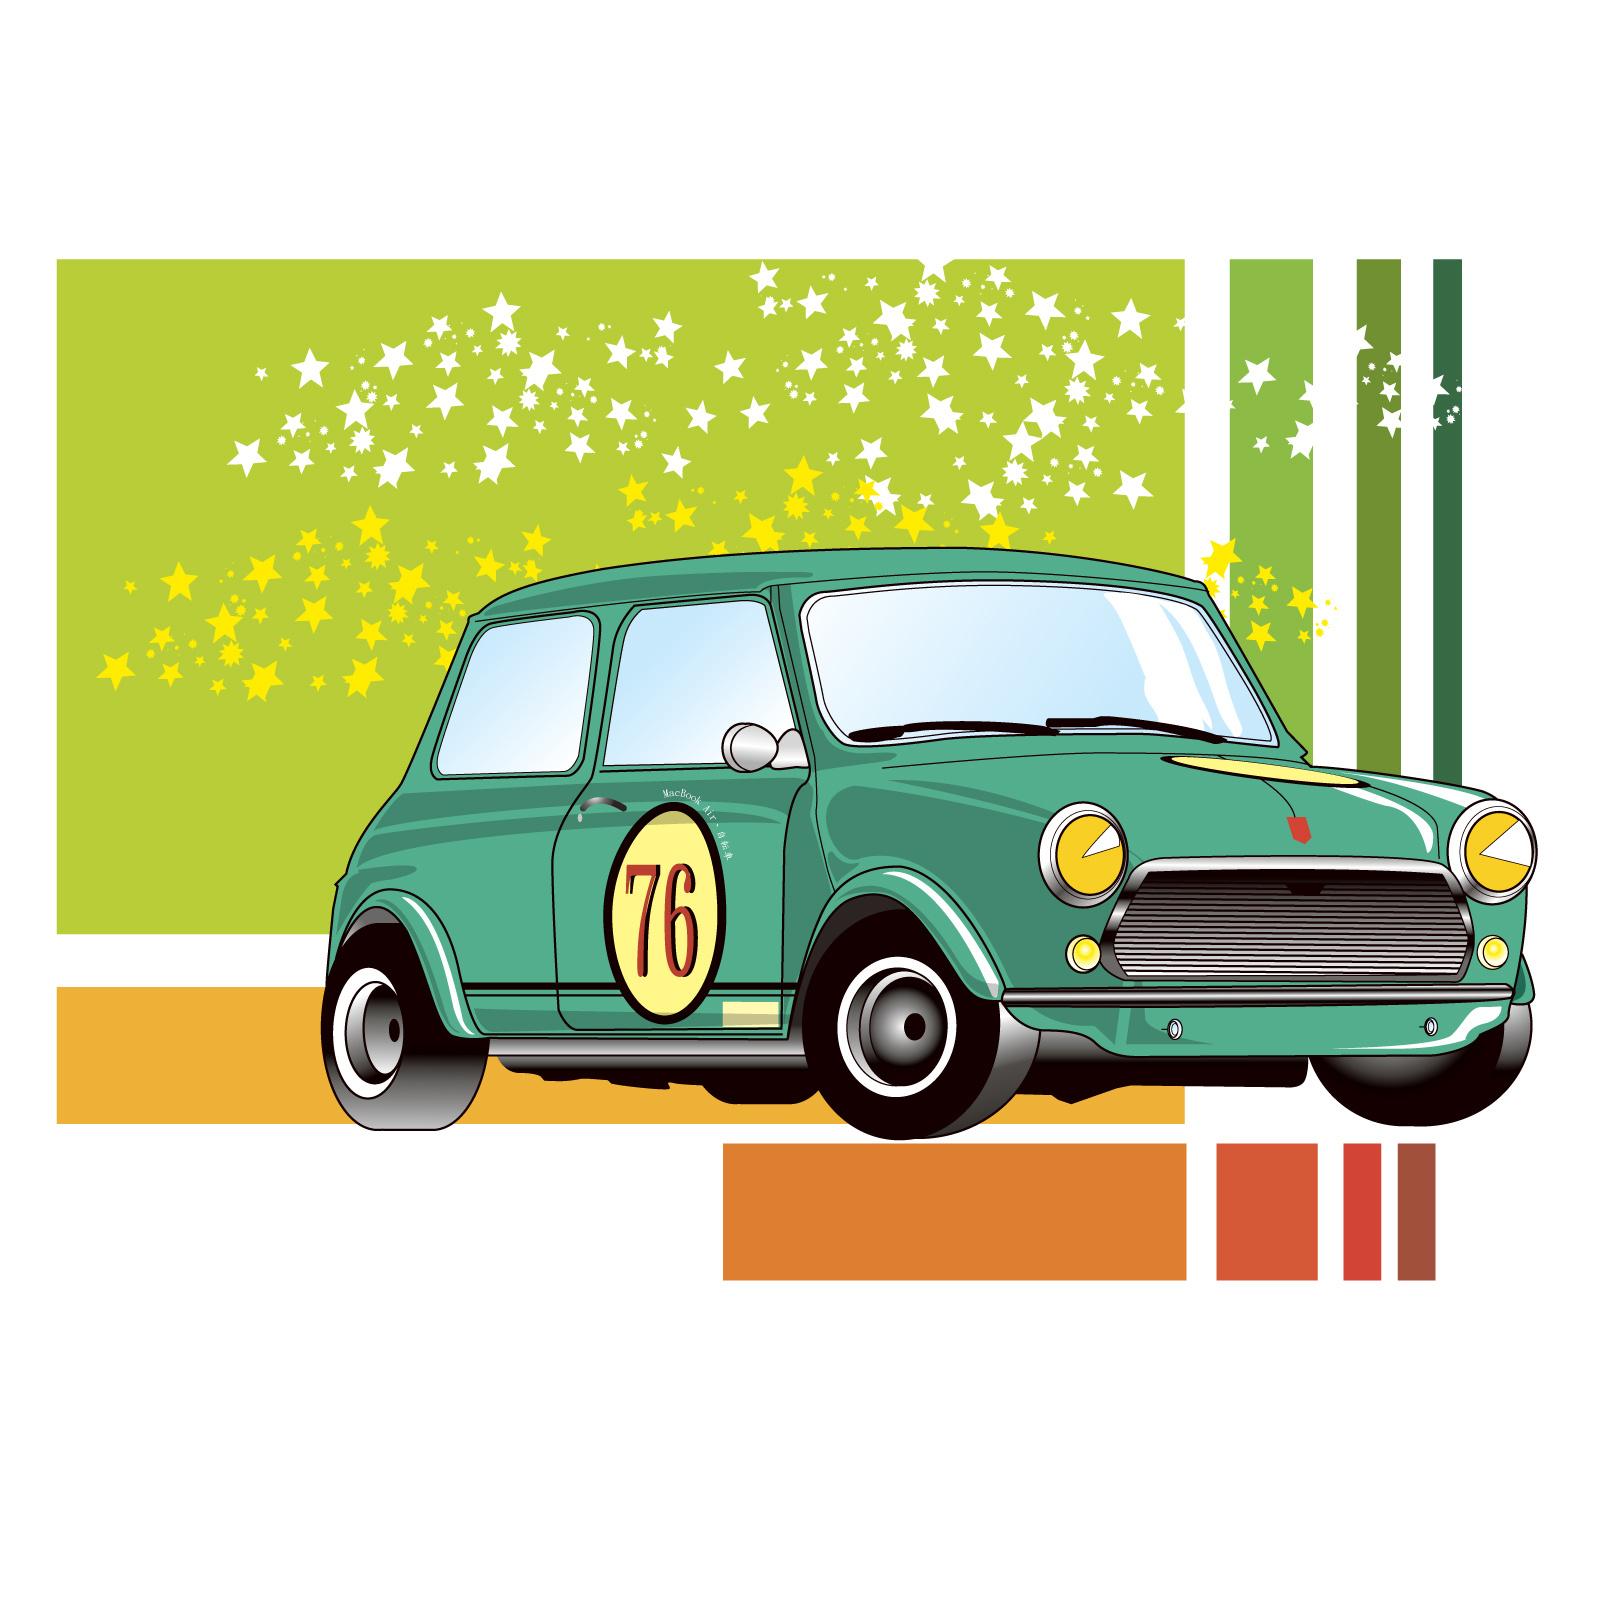 卡通动画公安车图片